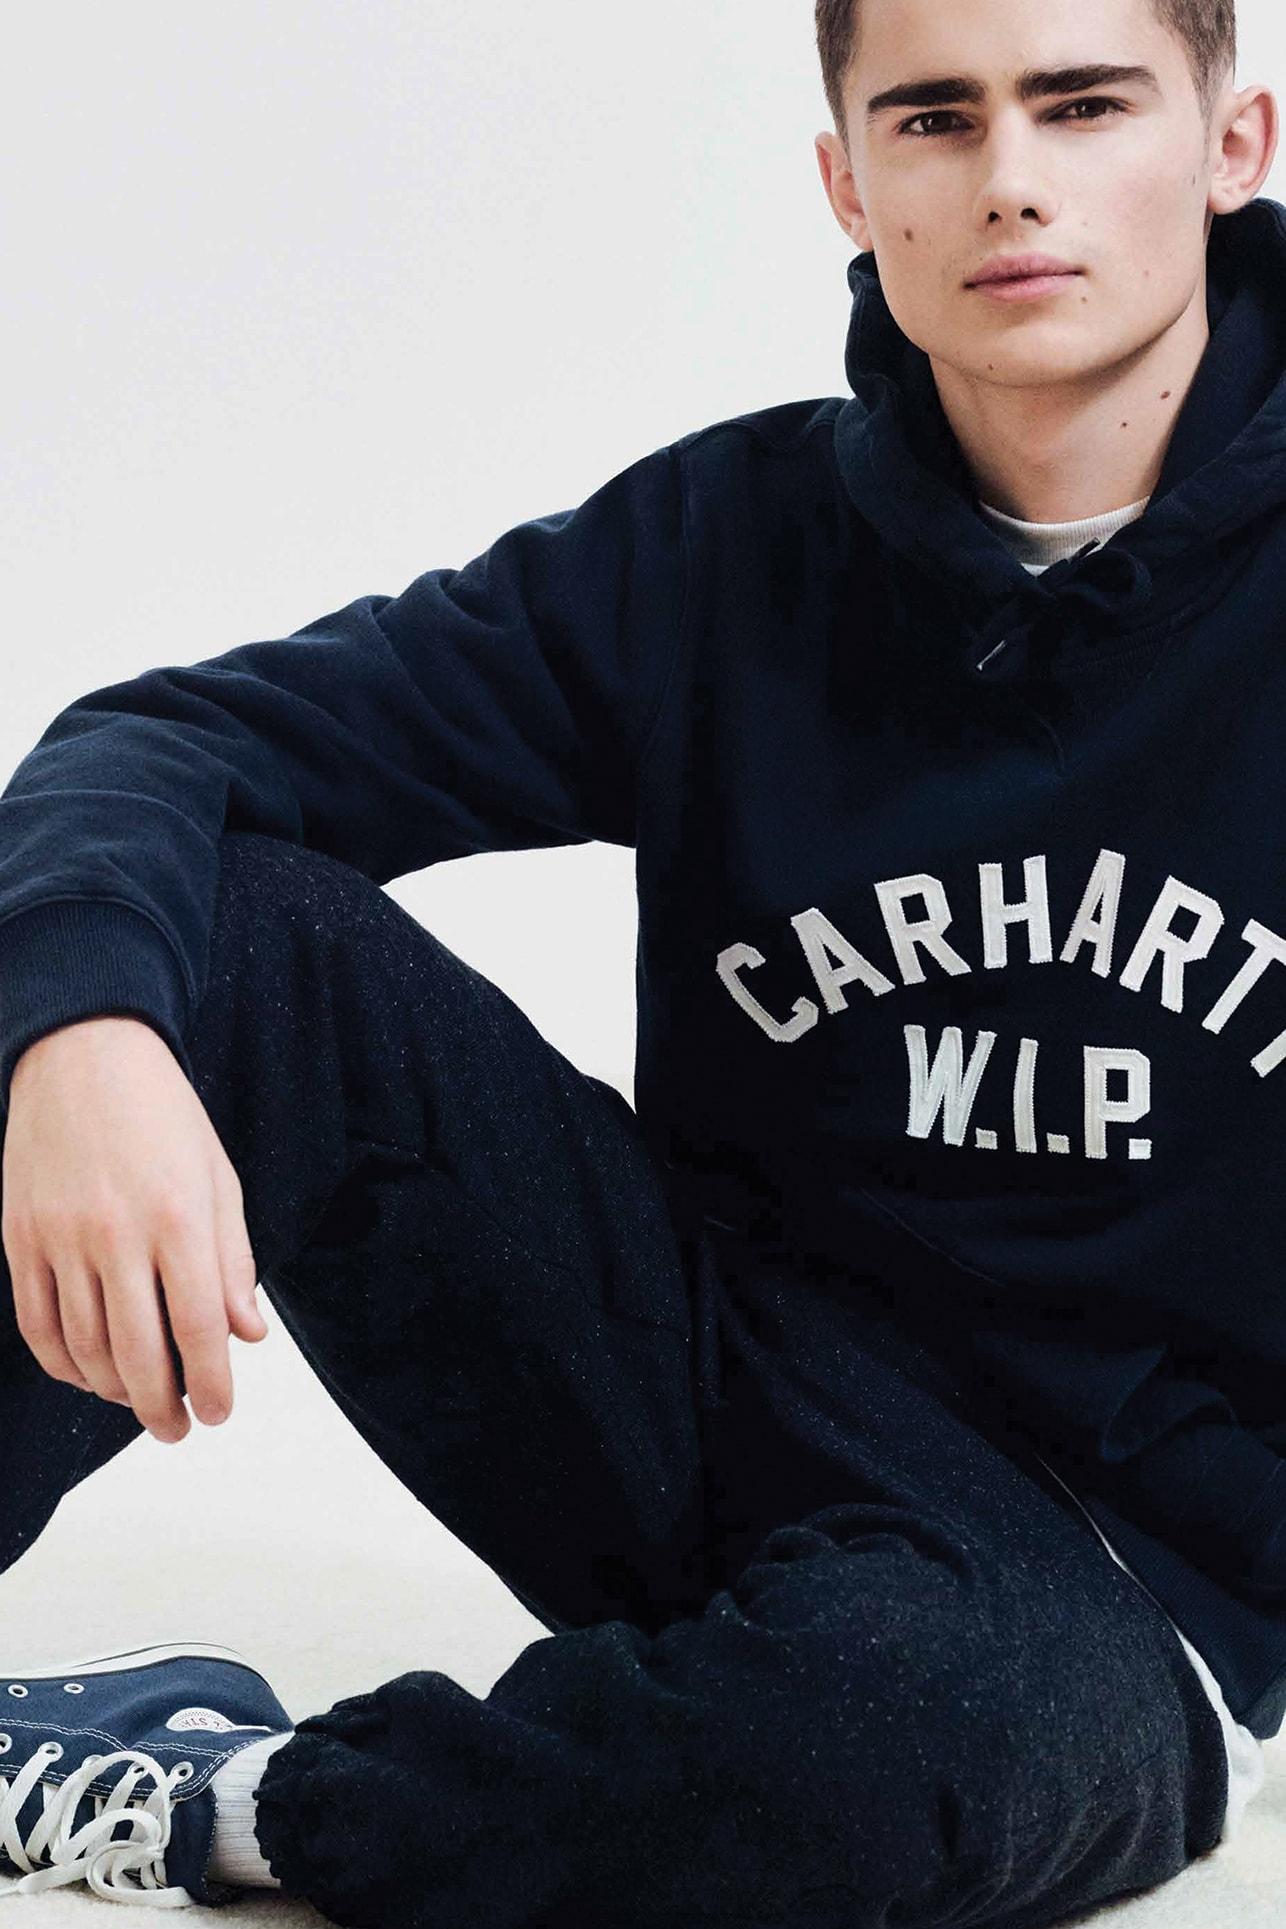 carhartt_wip_fw16_lookbook_men_digital_32